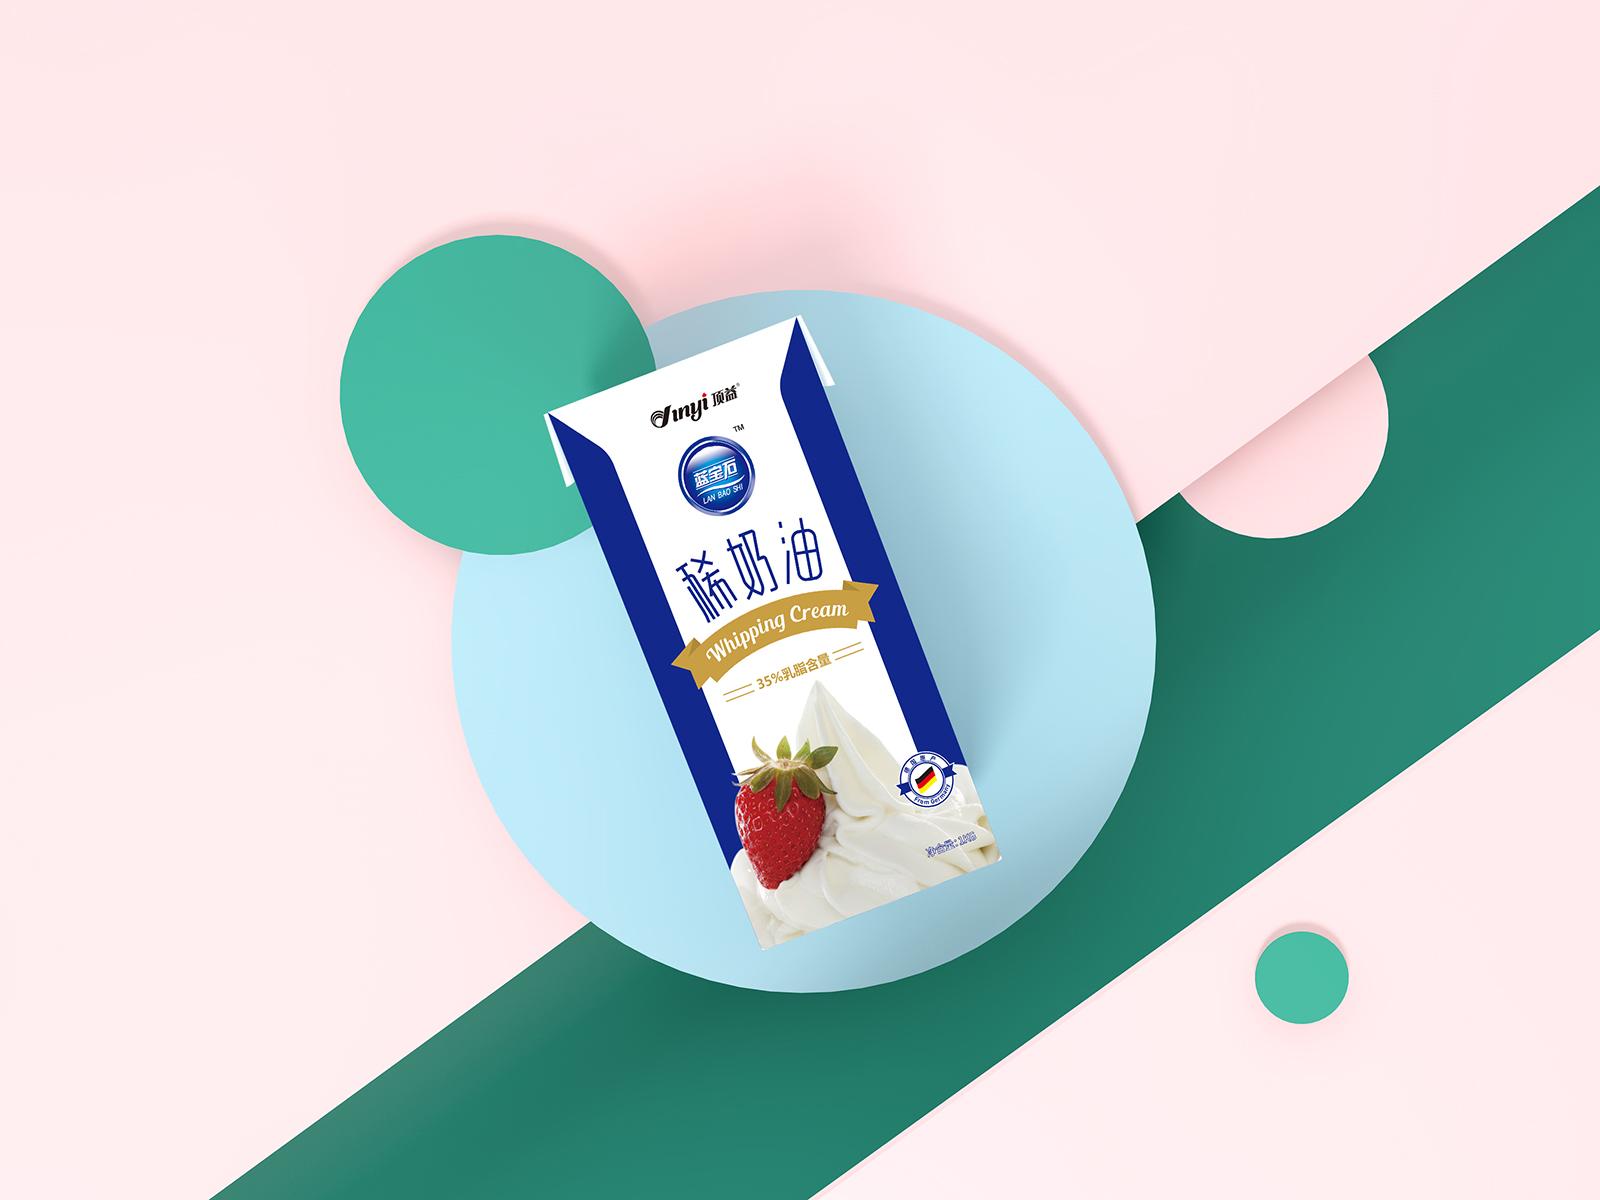 橙象案例-顶益淡奶油品牌包装设计欣赏-VI设计3